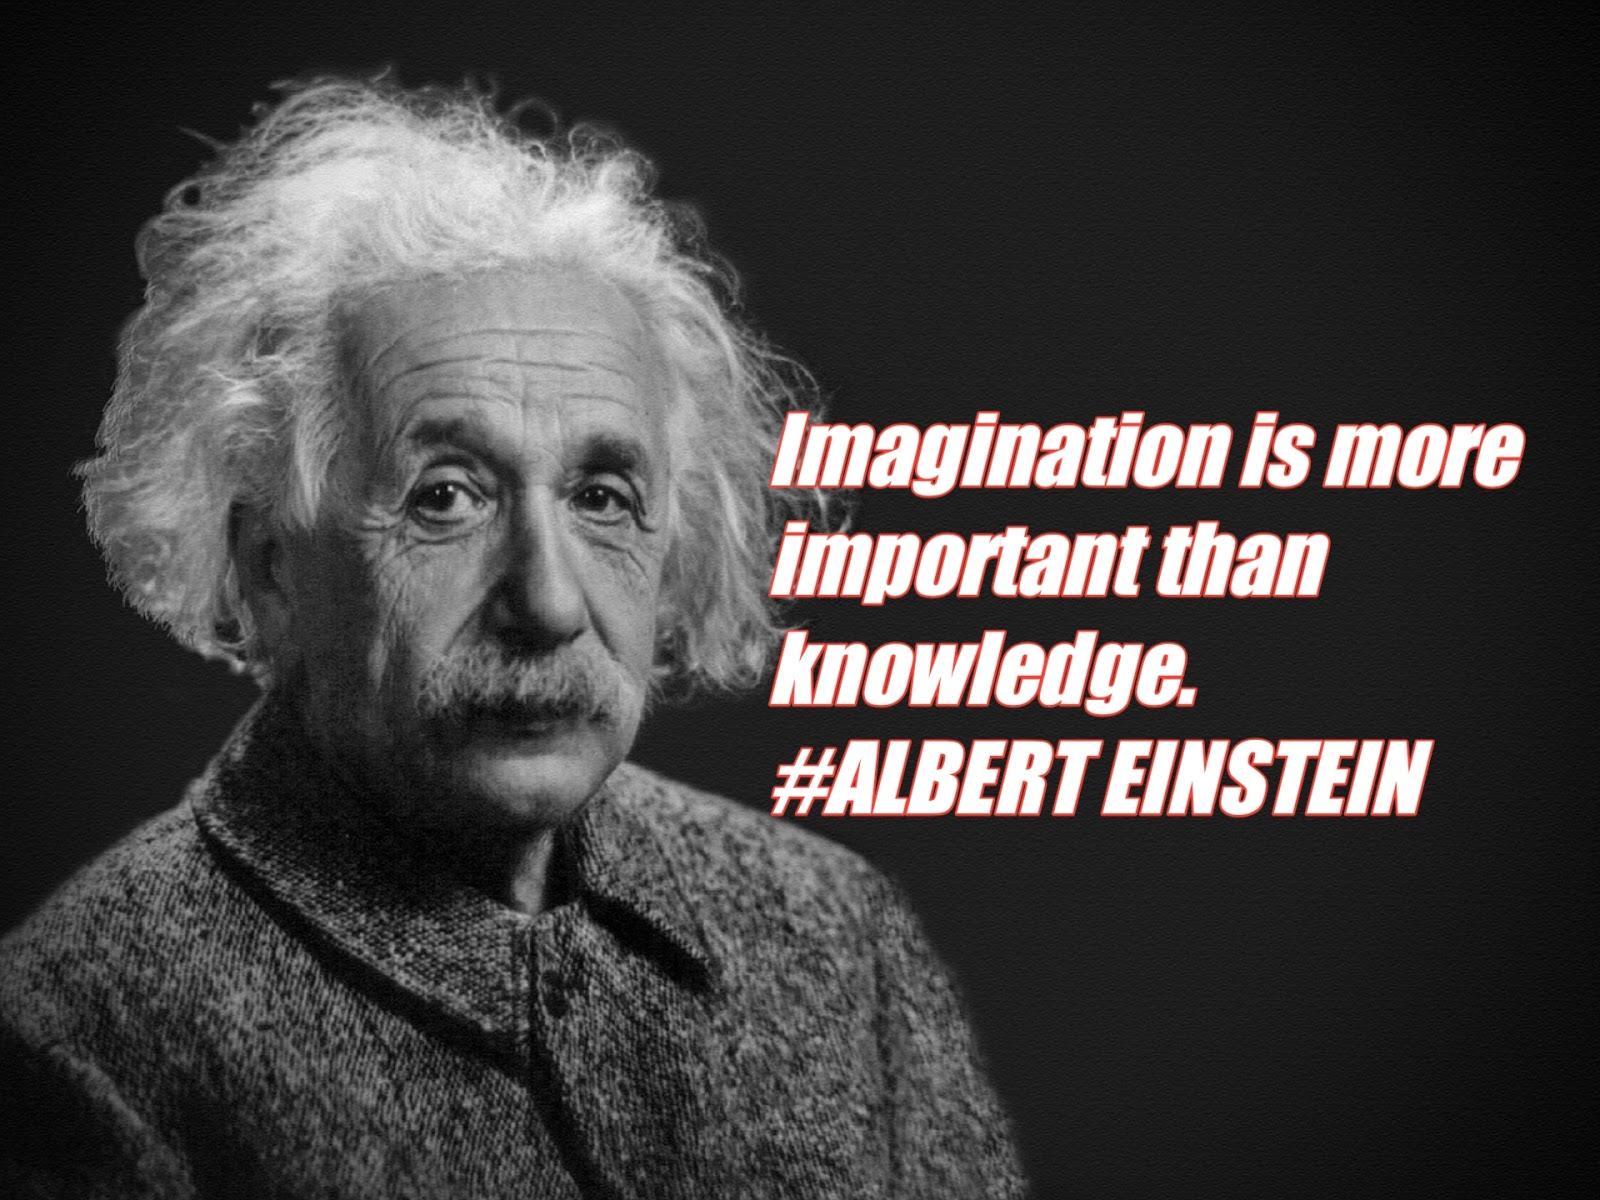 Abraham Lincoln And Albert Einstein Motivational Quotes